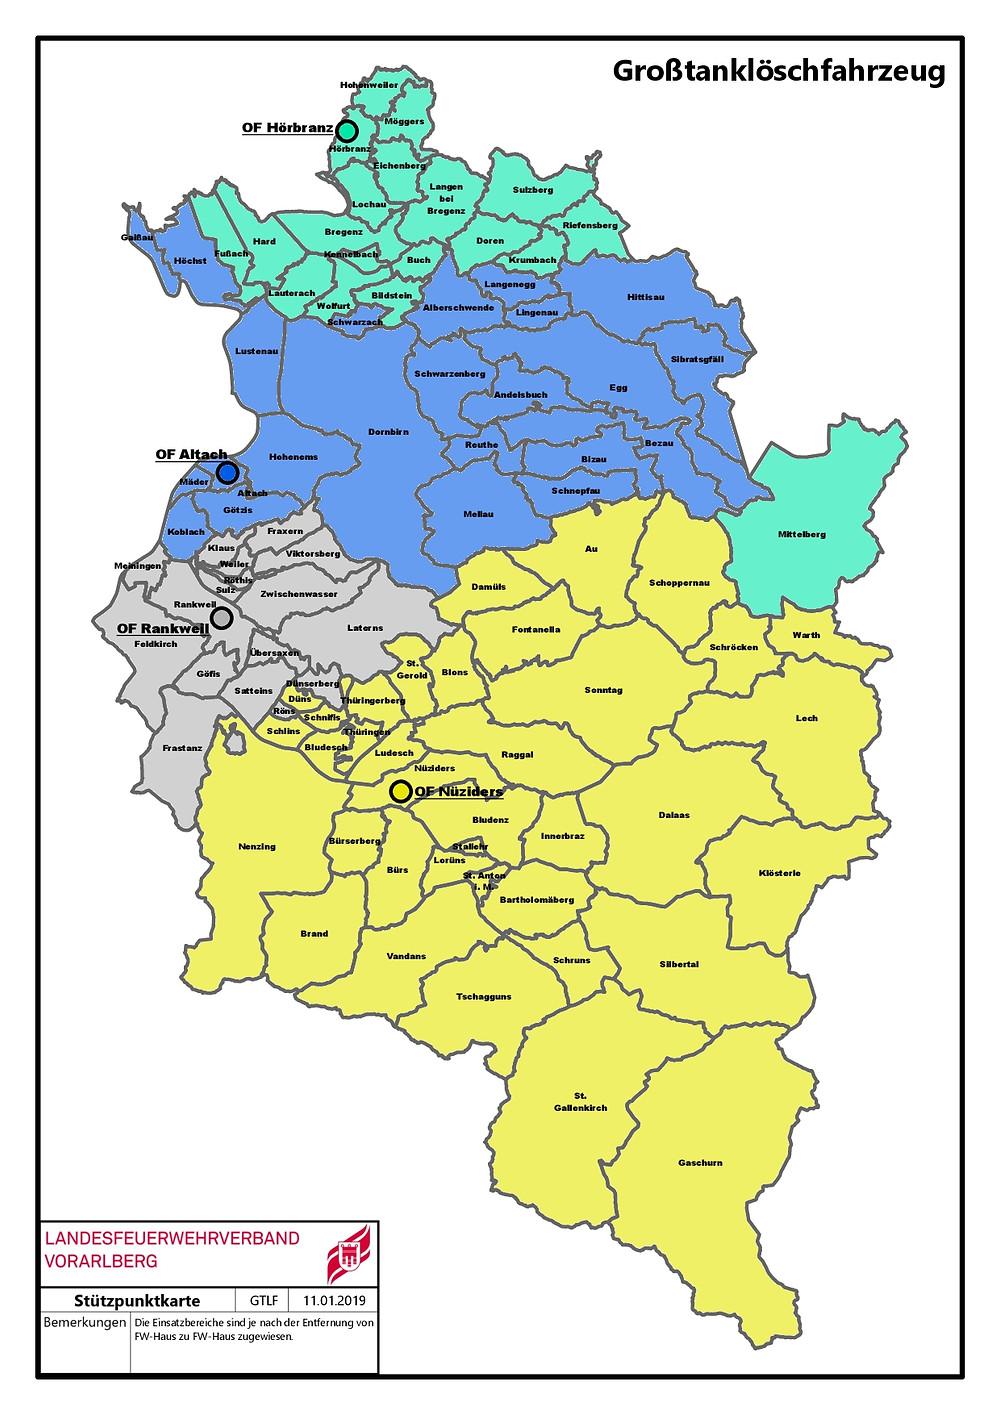 Großtanklöschfahrzeuge in Vorarlberg - Landesfeuerwehrverband Vorarlberg